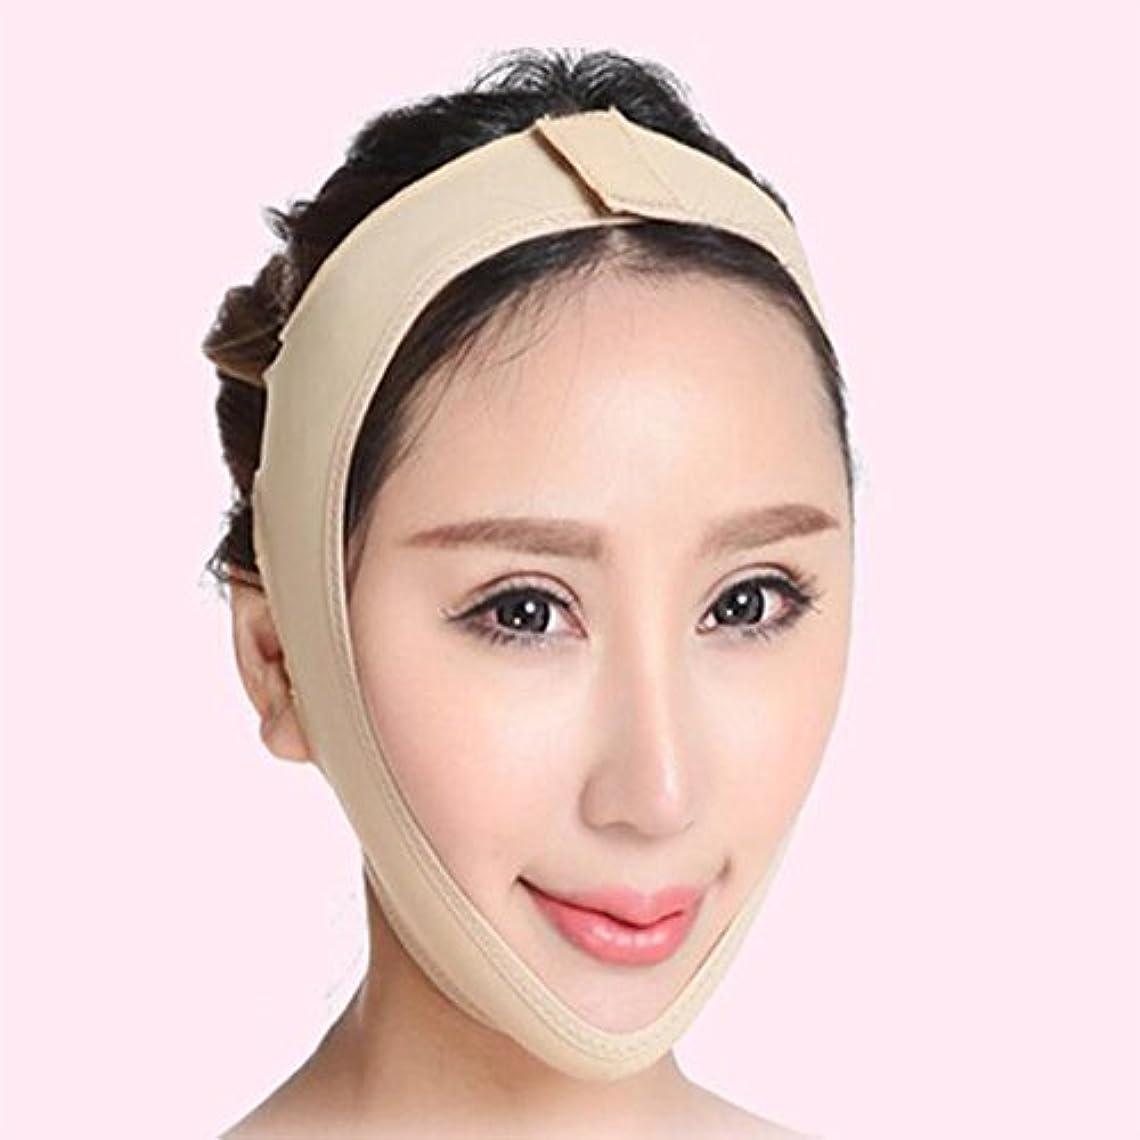 発揮する地元腹部SD 小顔 小顔マスク リフトアップ マスク フェイスライン 矯正 あご シャープ メンズ レディース Lサイズ AZD15003-L